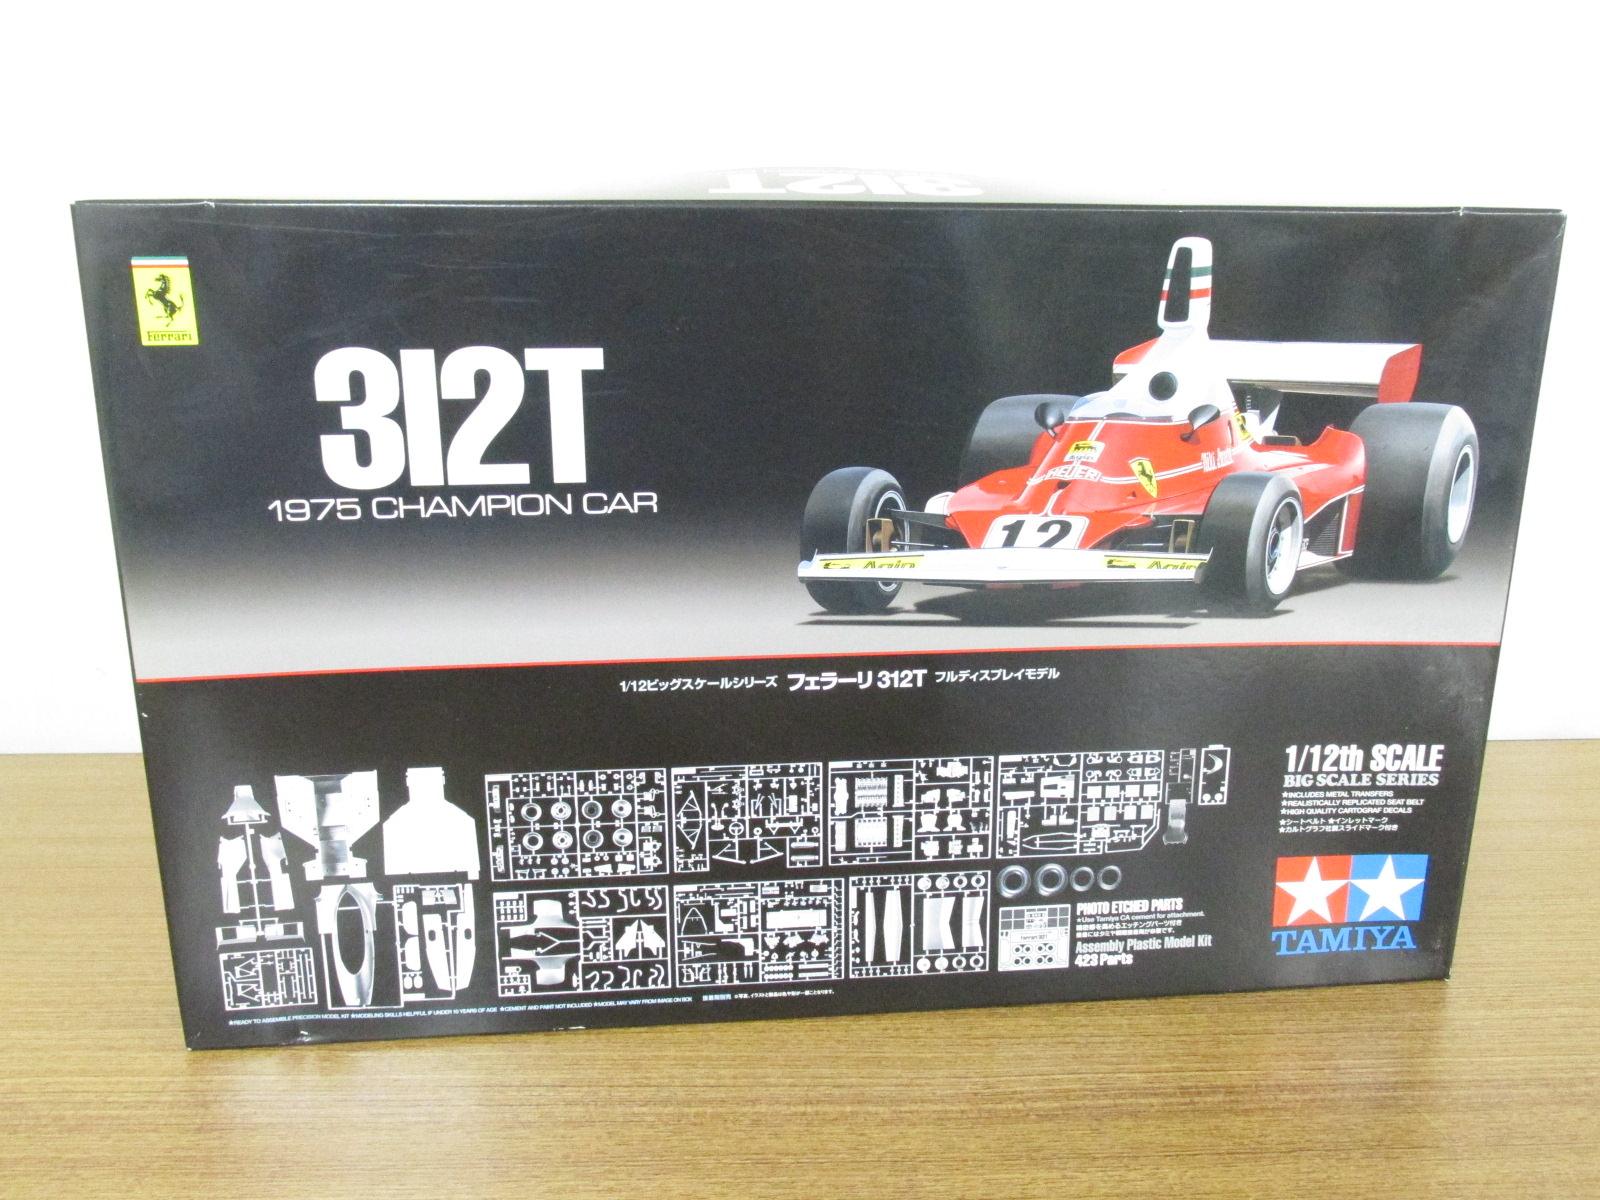 タミヤ 1/12ビッグスケールシリーズ フェラーリ312T 1975年チャンピオンカー